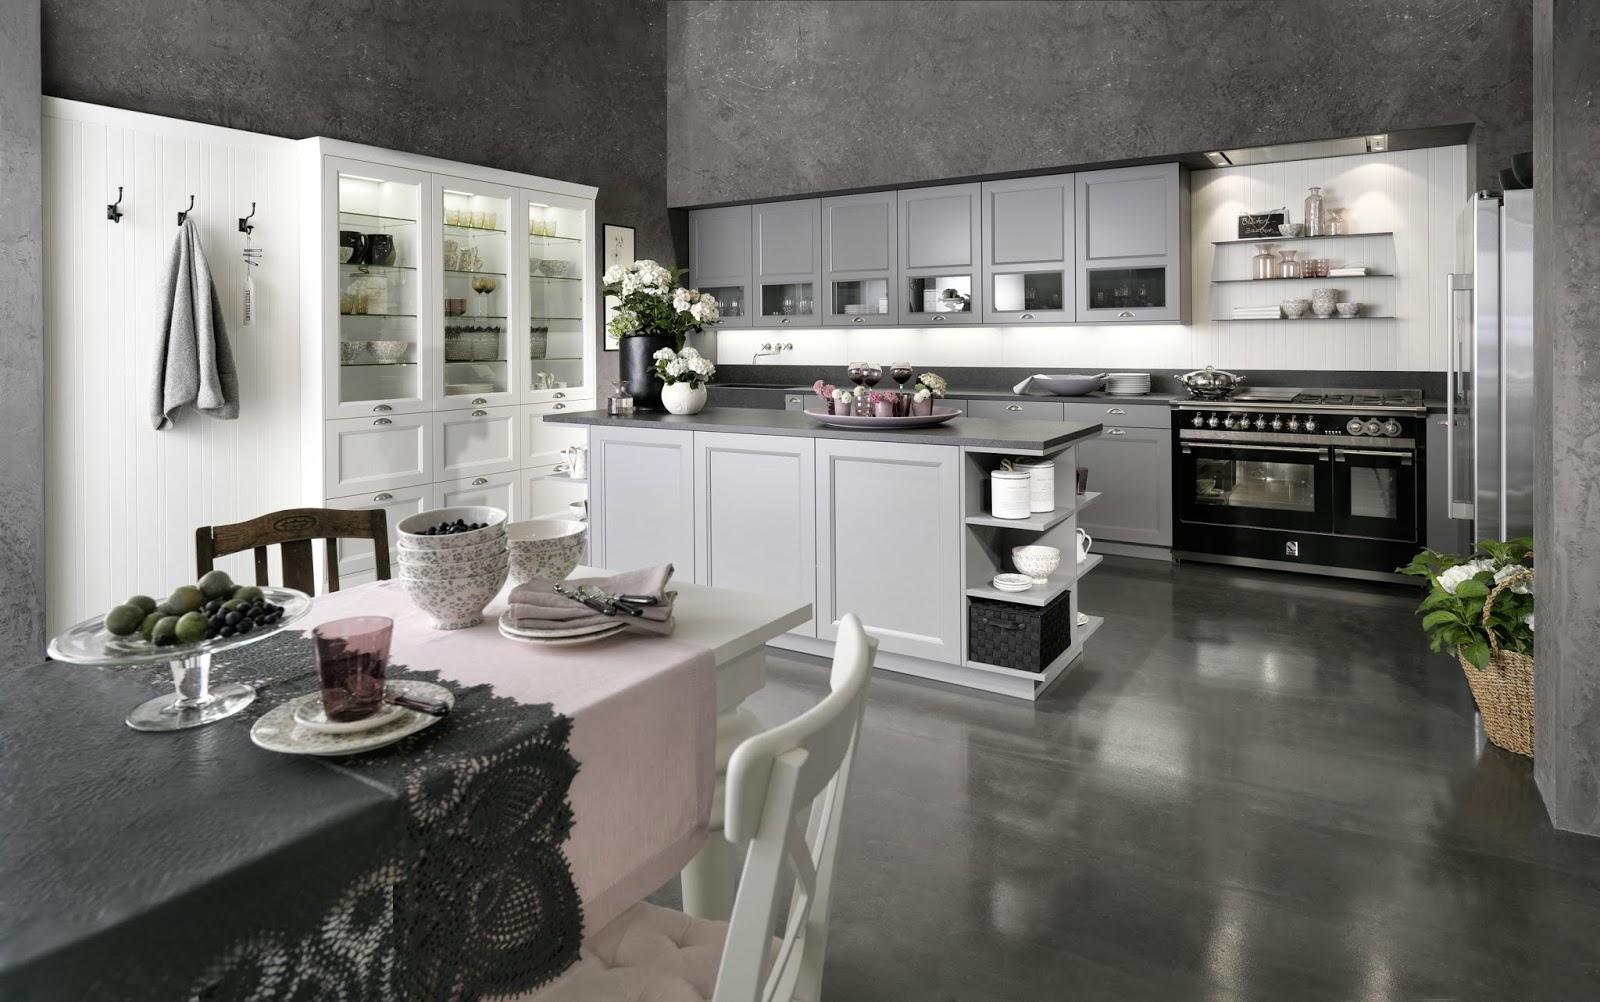 k chenblog faszination landhausk chen. Black Bedroom Furniture Sets. Home Design Ideas